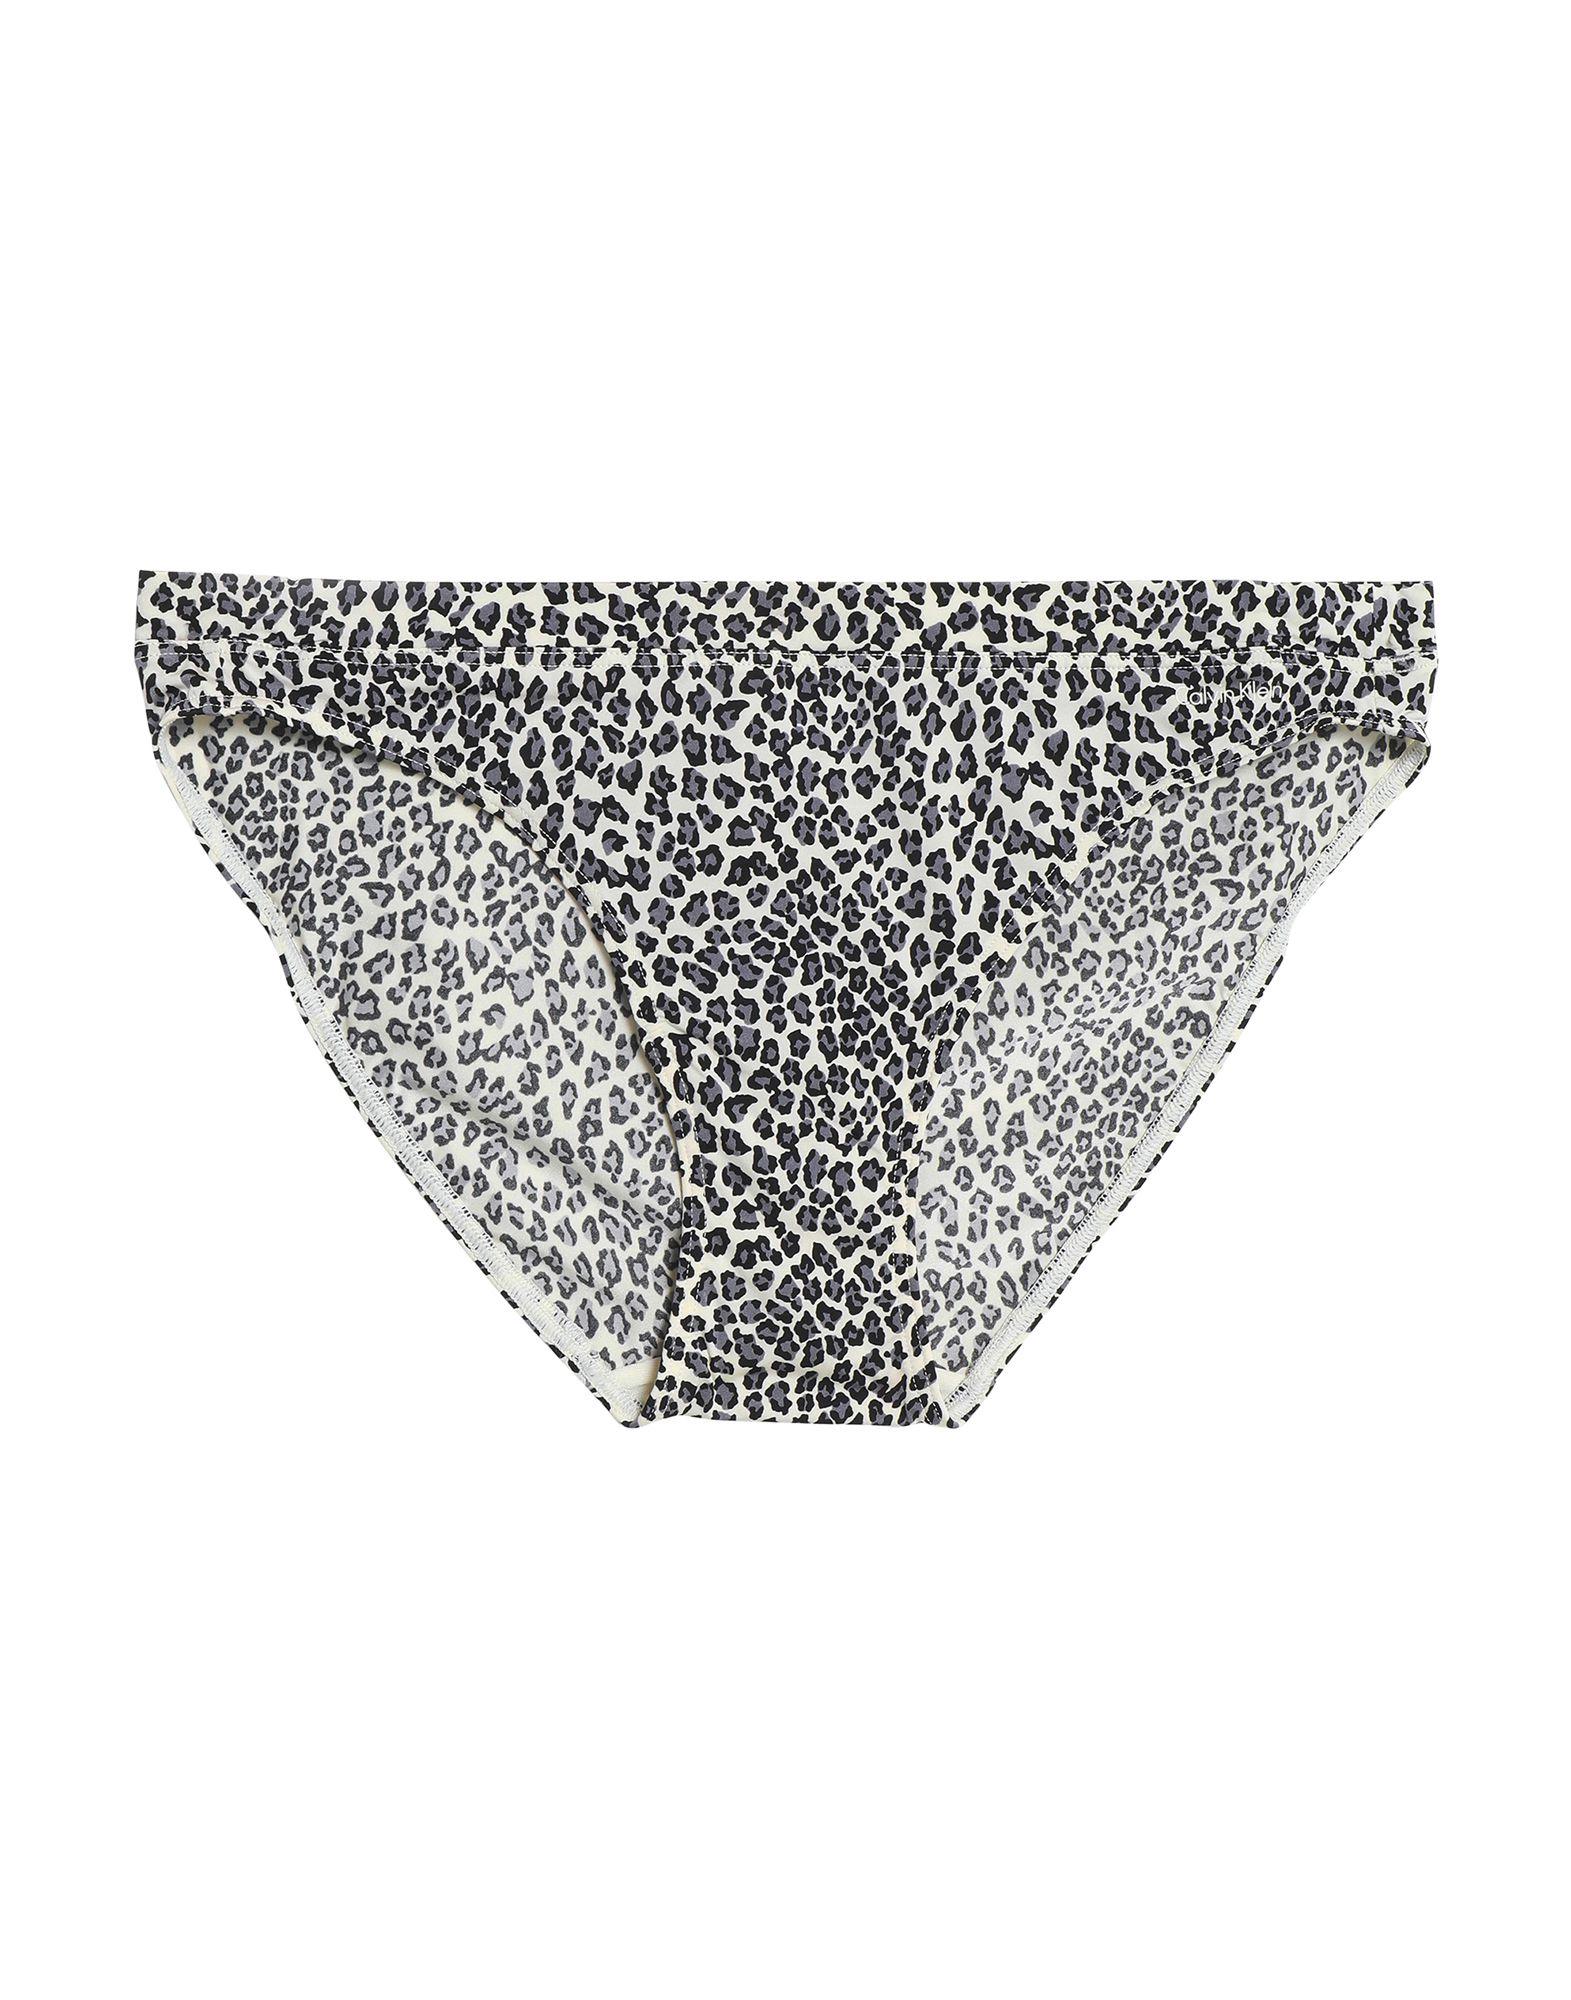 CALVIN KLEIN UNDERWEAR Трусы трусы женские calvin klein underwear цвет разноцветный d3445e sru размер s 42